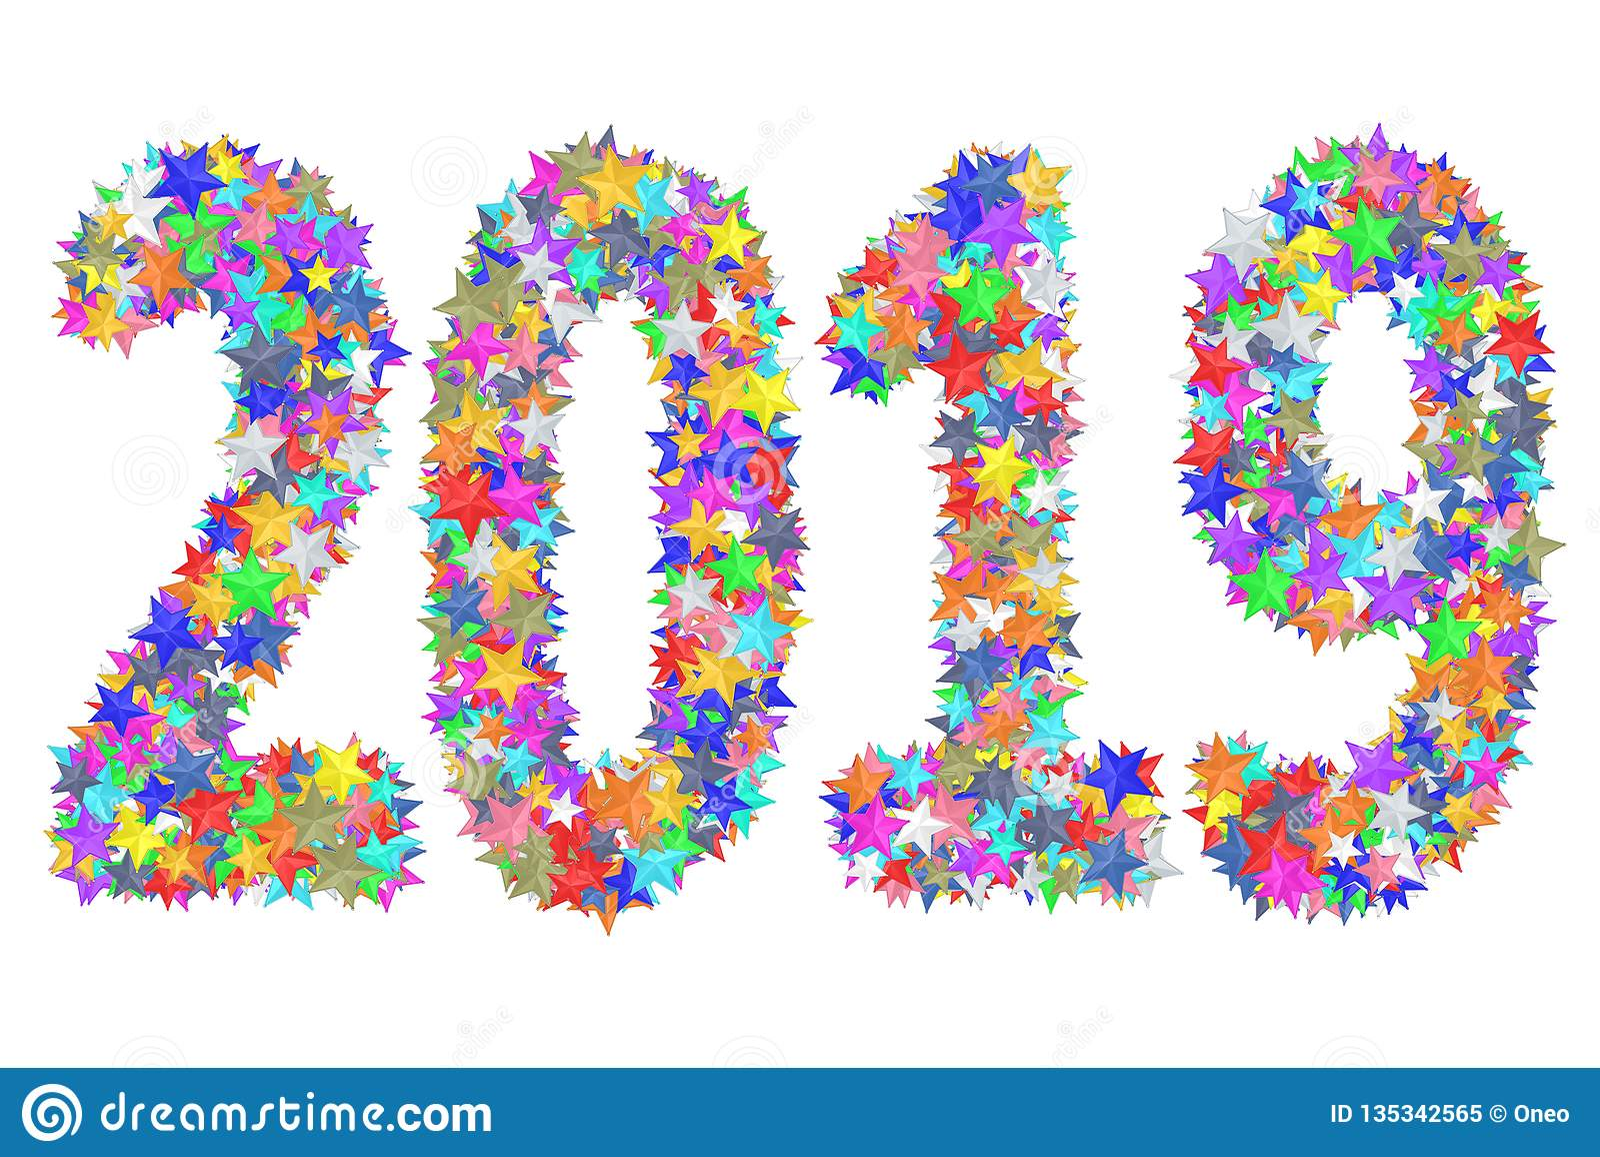 2019 ψηφία που αποτελούνται από τα ζωηρόχρωμα λουλούδια γυαλιού που απομονώνονται στο λευκό